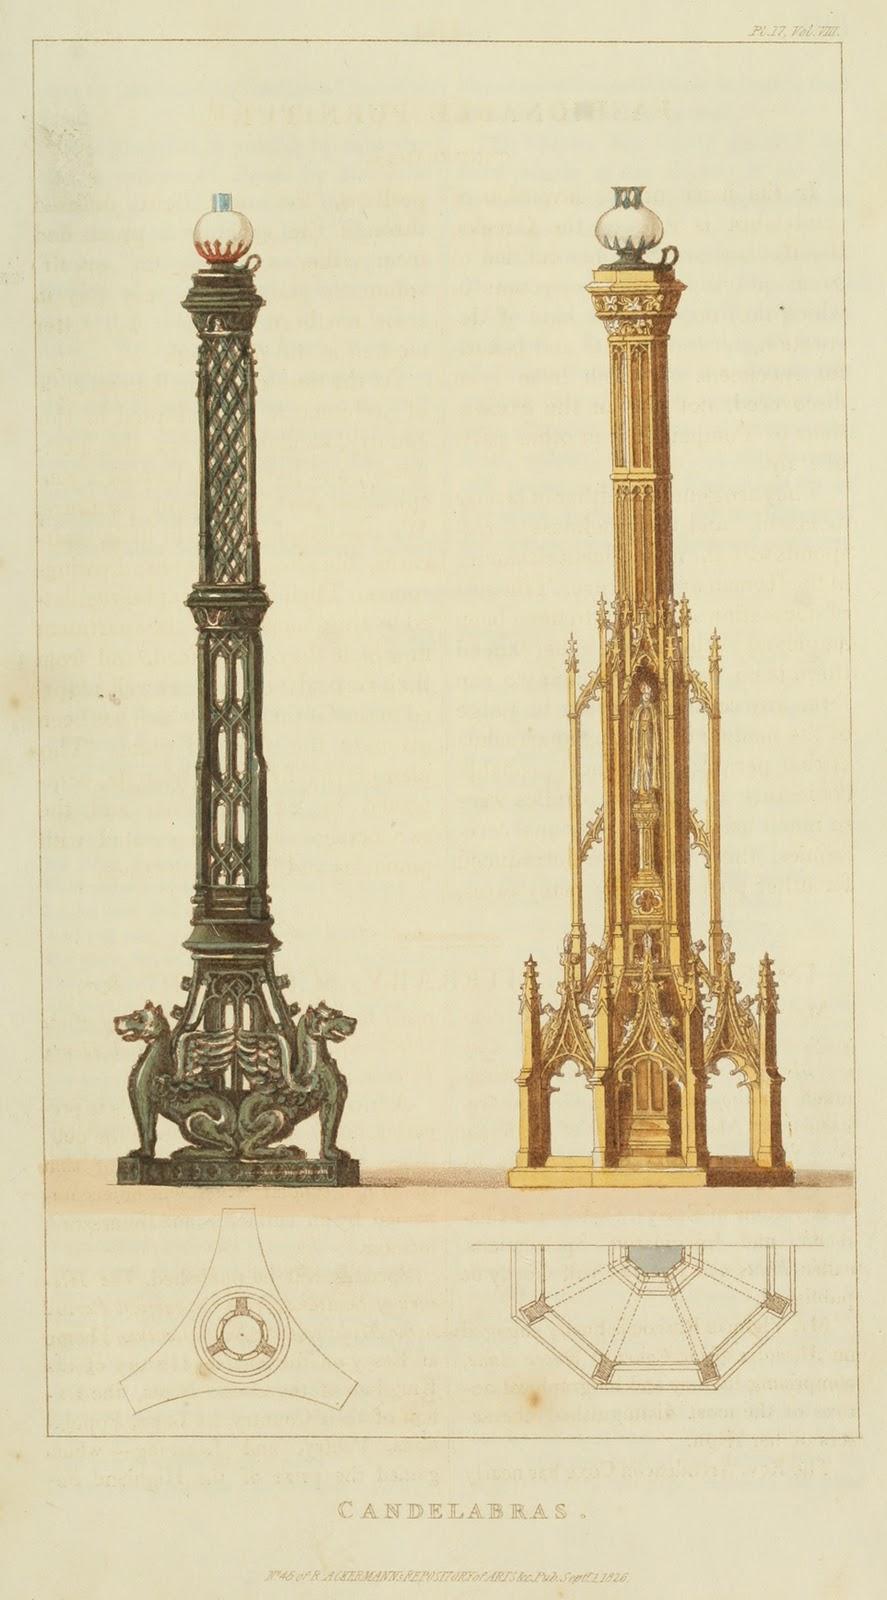 Candelabras. Plate 27. 1826.